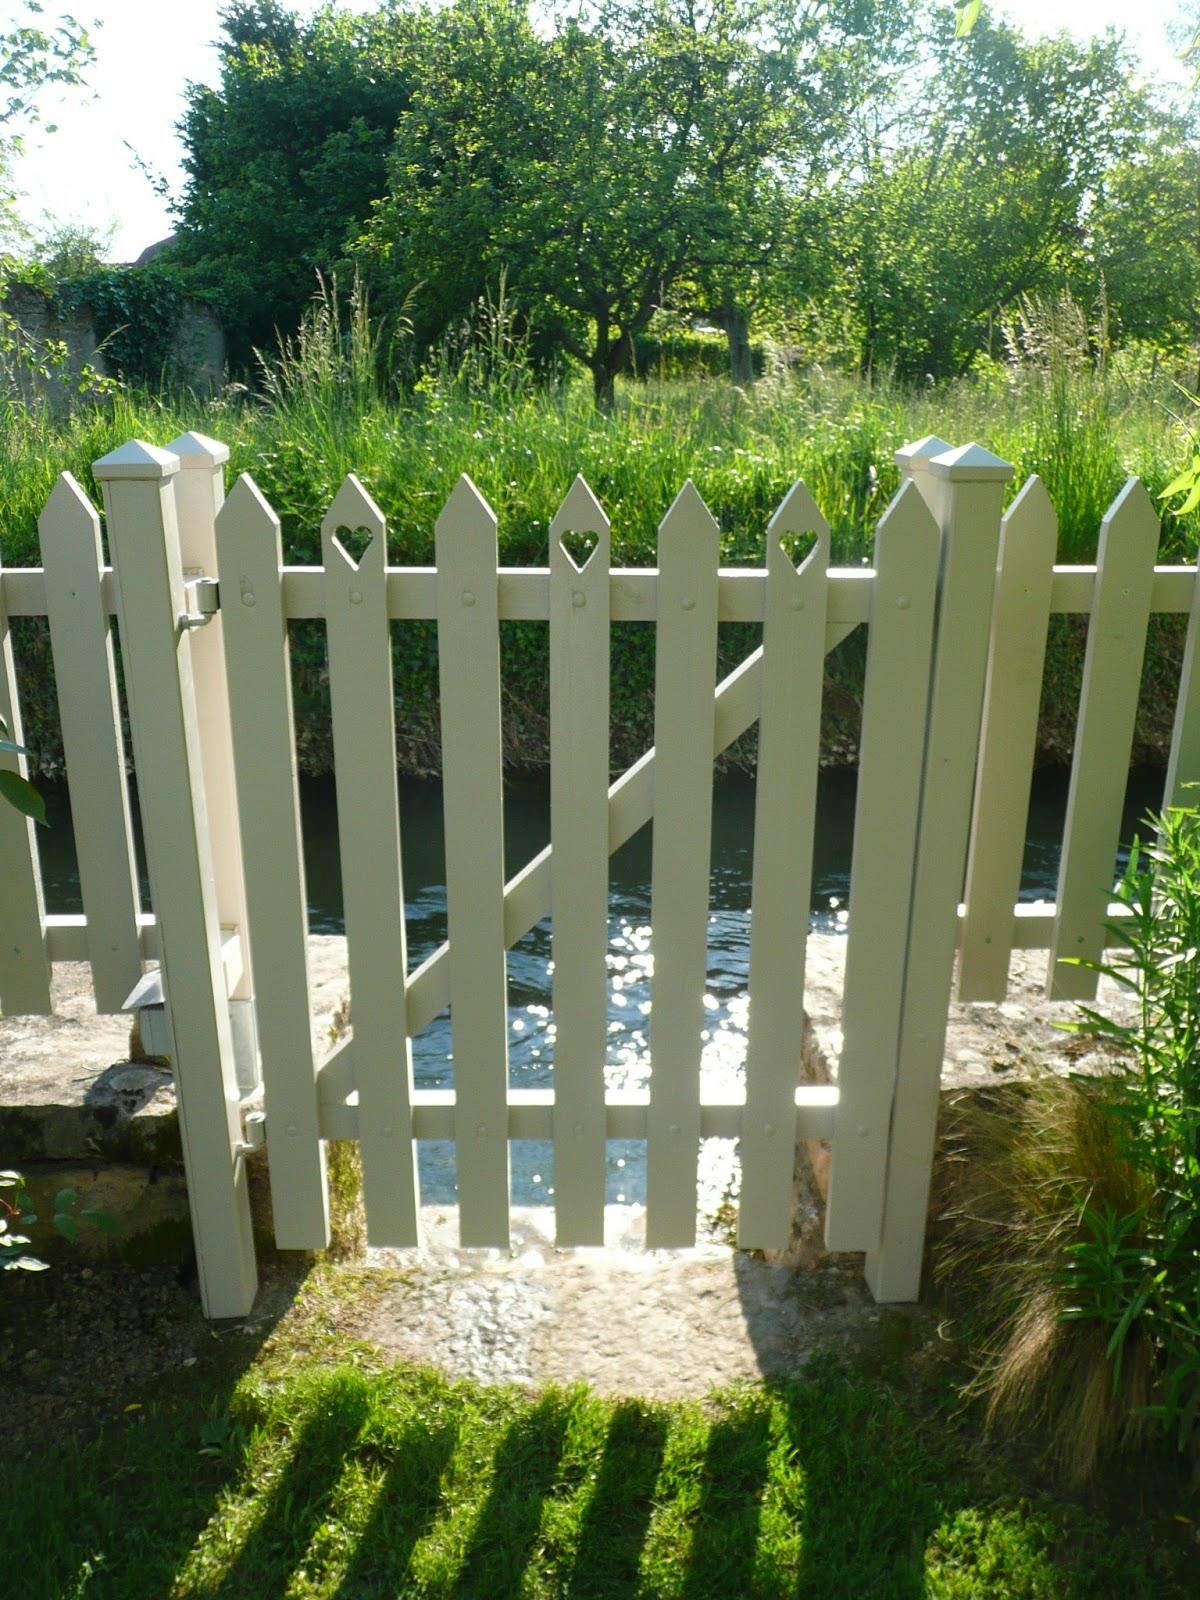 Notre jardin secret.: Un amour de portillon